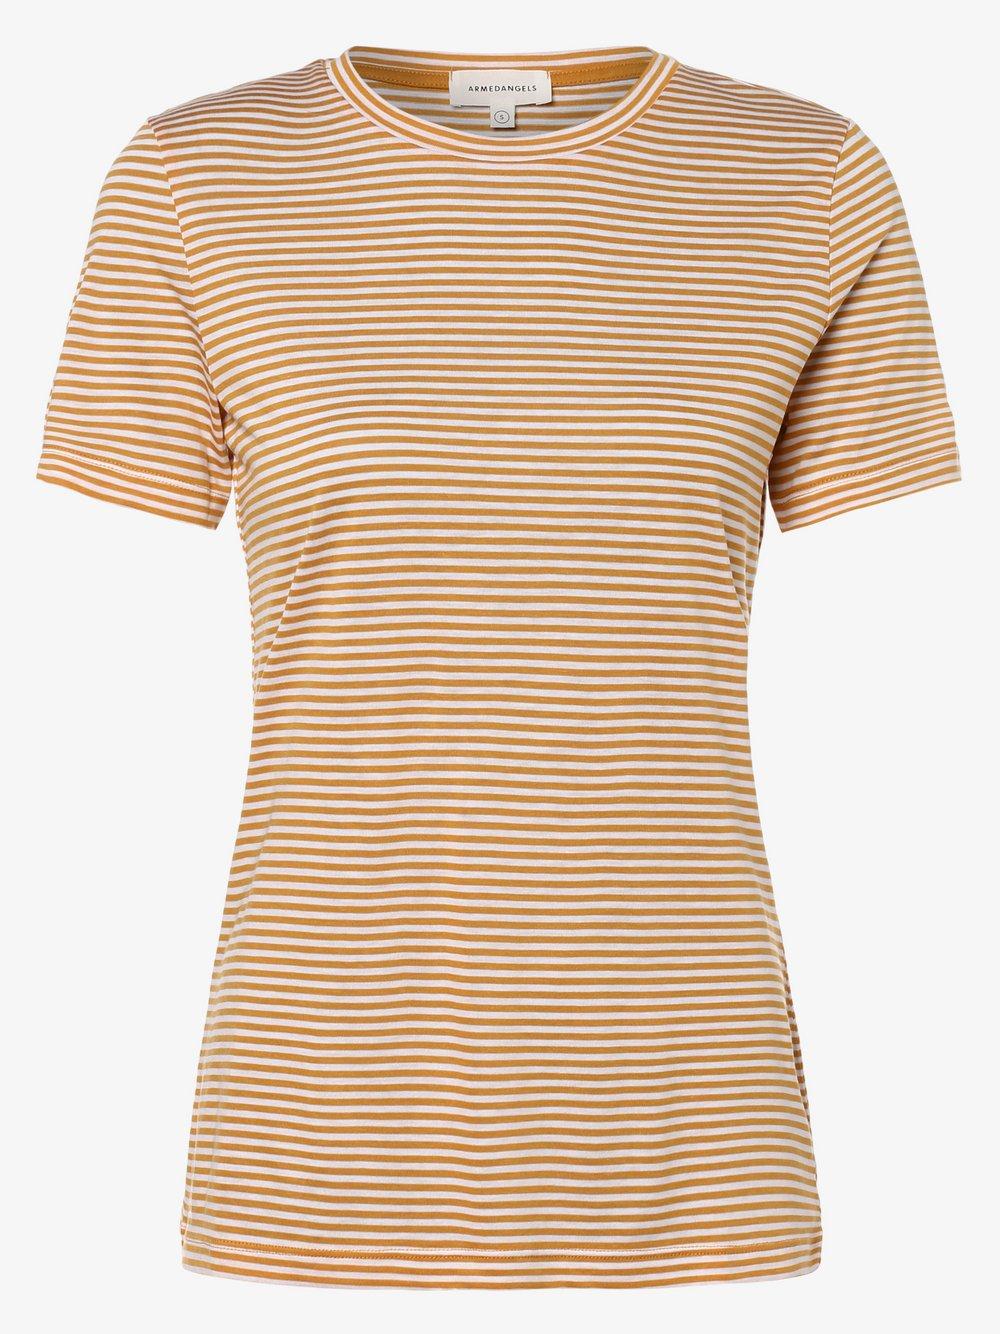 ARMEDANGELS - T-shirt damski, beżowy